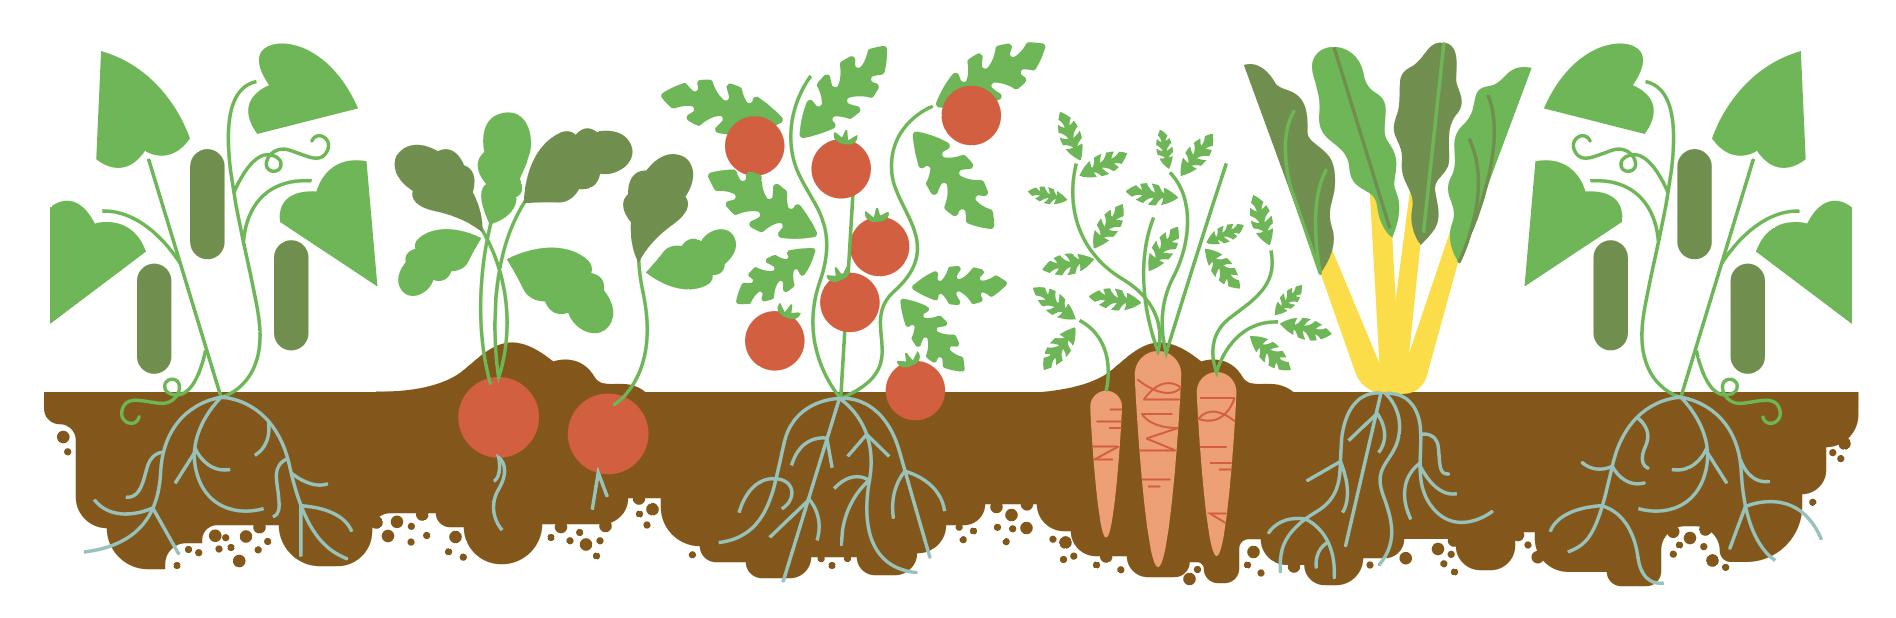 garden-vegetables.jpg